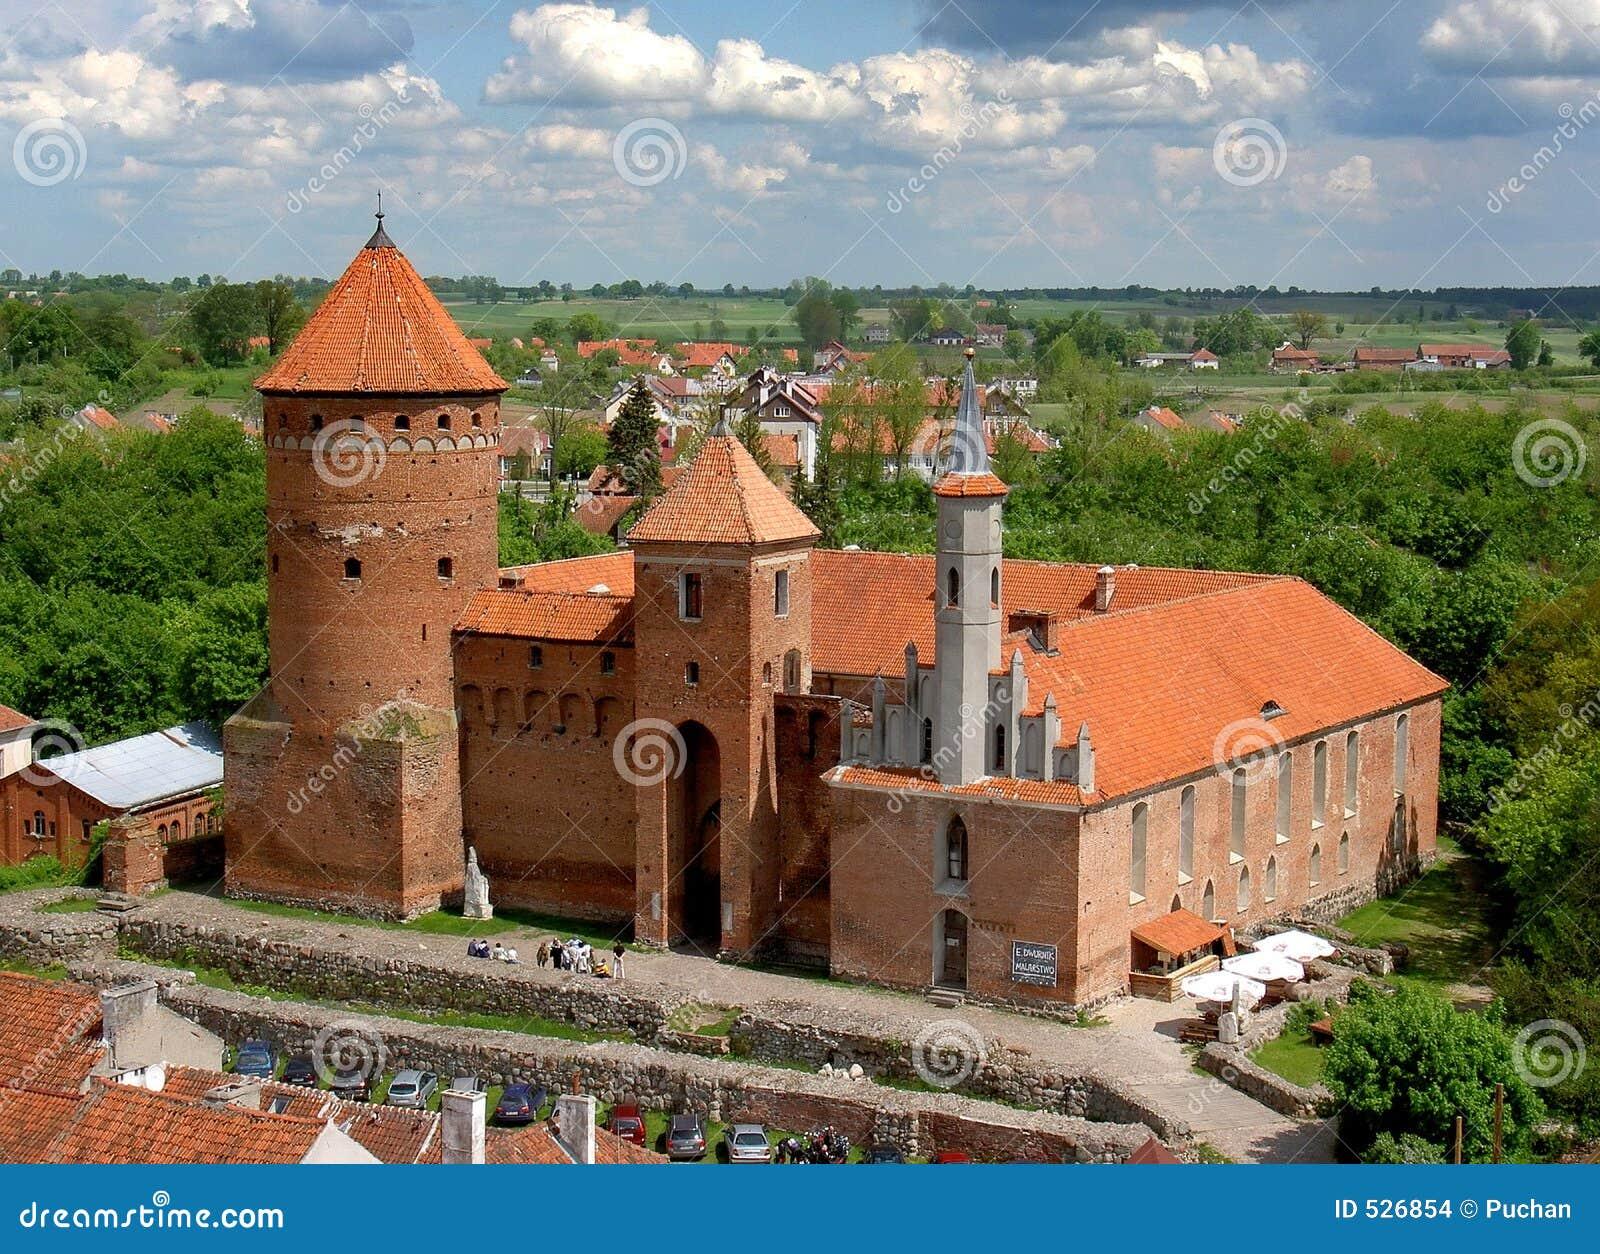 Download 老城堡 库存照片. 图片 包括有 城堡, 骑士, 宫殿, 幻想, 条顿人, 童话, 神秘, 公主, 不列塔尼的 - 526854